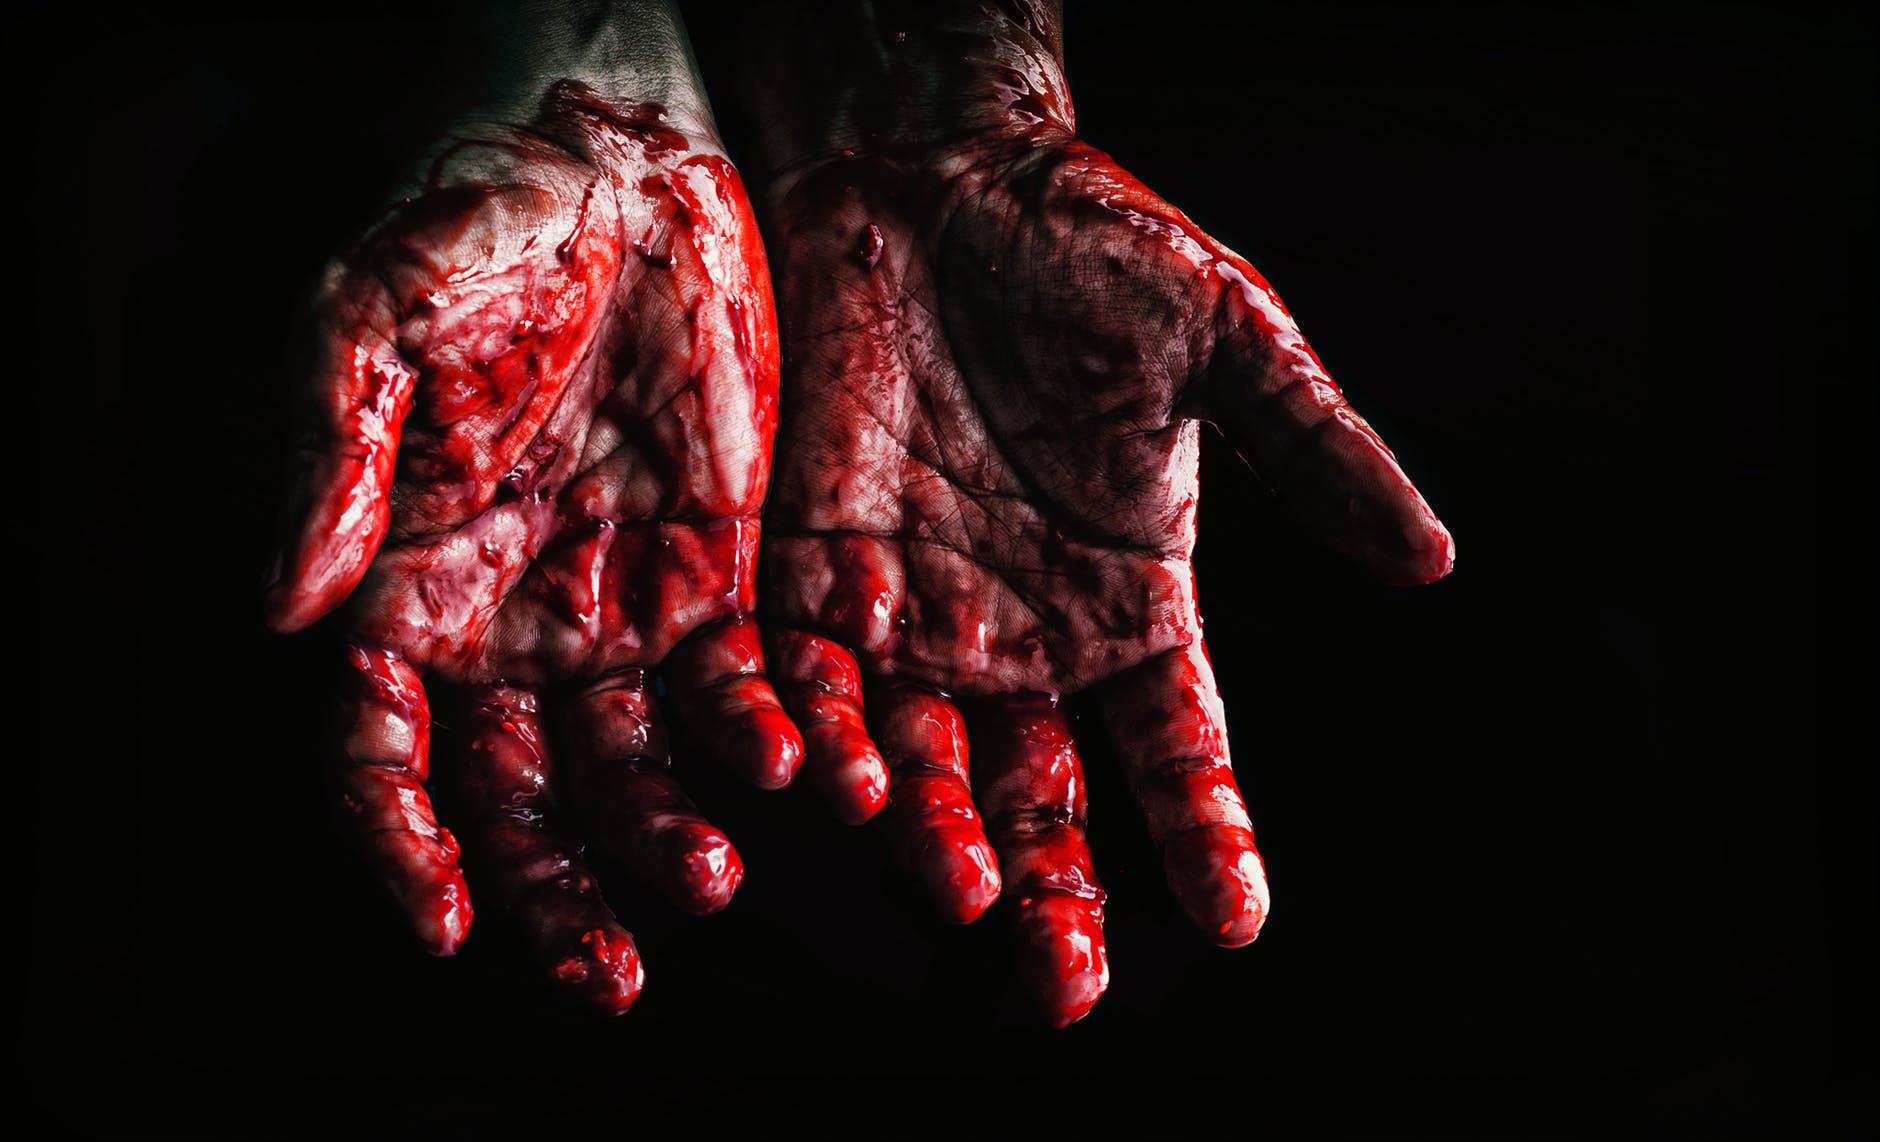 Somente Teresina registrou 23 assassinatos. Crédito: Pexels.